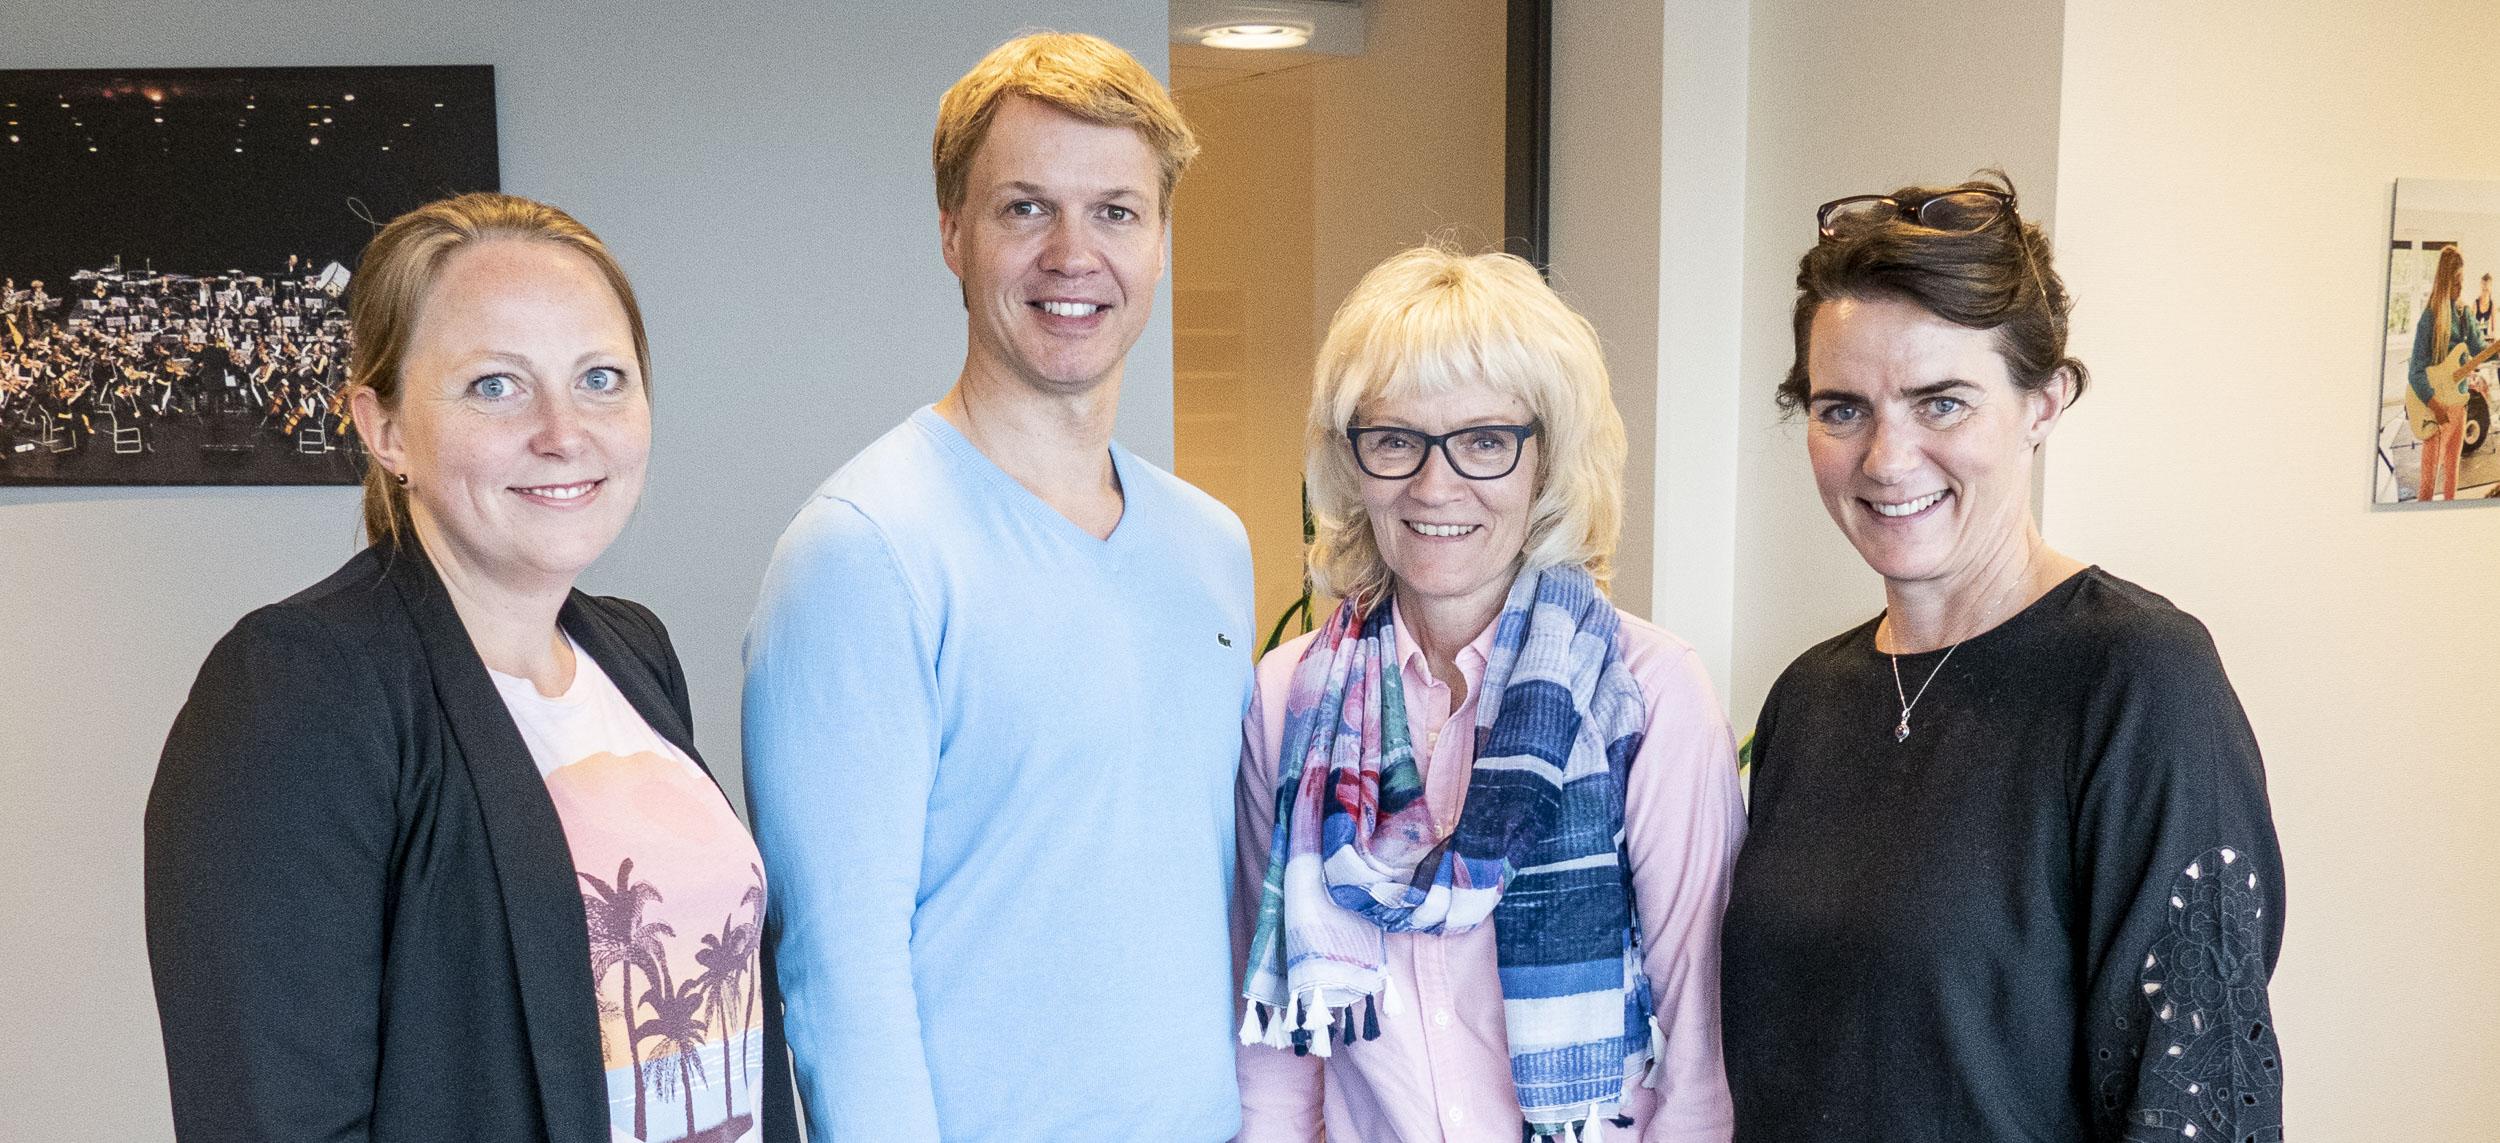 Fra venstre: Kristi Stedje (leder i Sang i eldreomsorgen), Jarle Flemvåg (leder i KFS)), Tone Kristine S. Kvamme (1. amanuensis i musikkterapi ved NMH) og Karette Annie Stensæth (professor i musikkterapi og prosjektleder for Homeside)